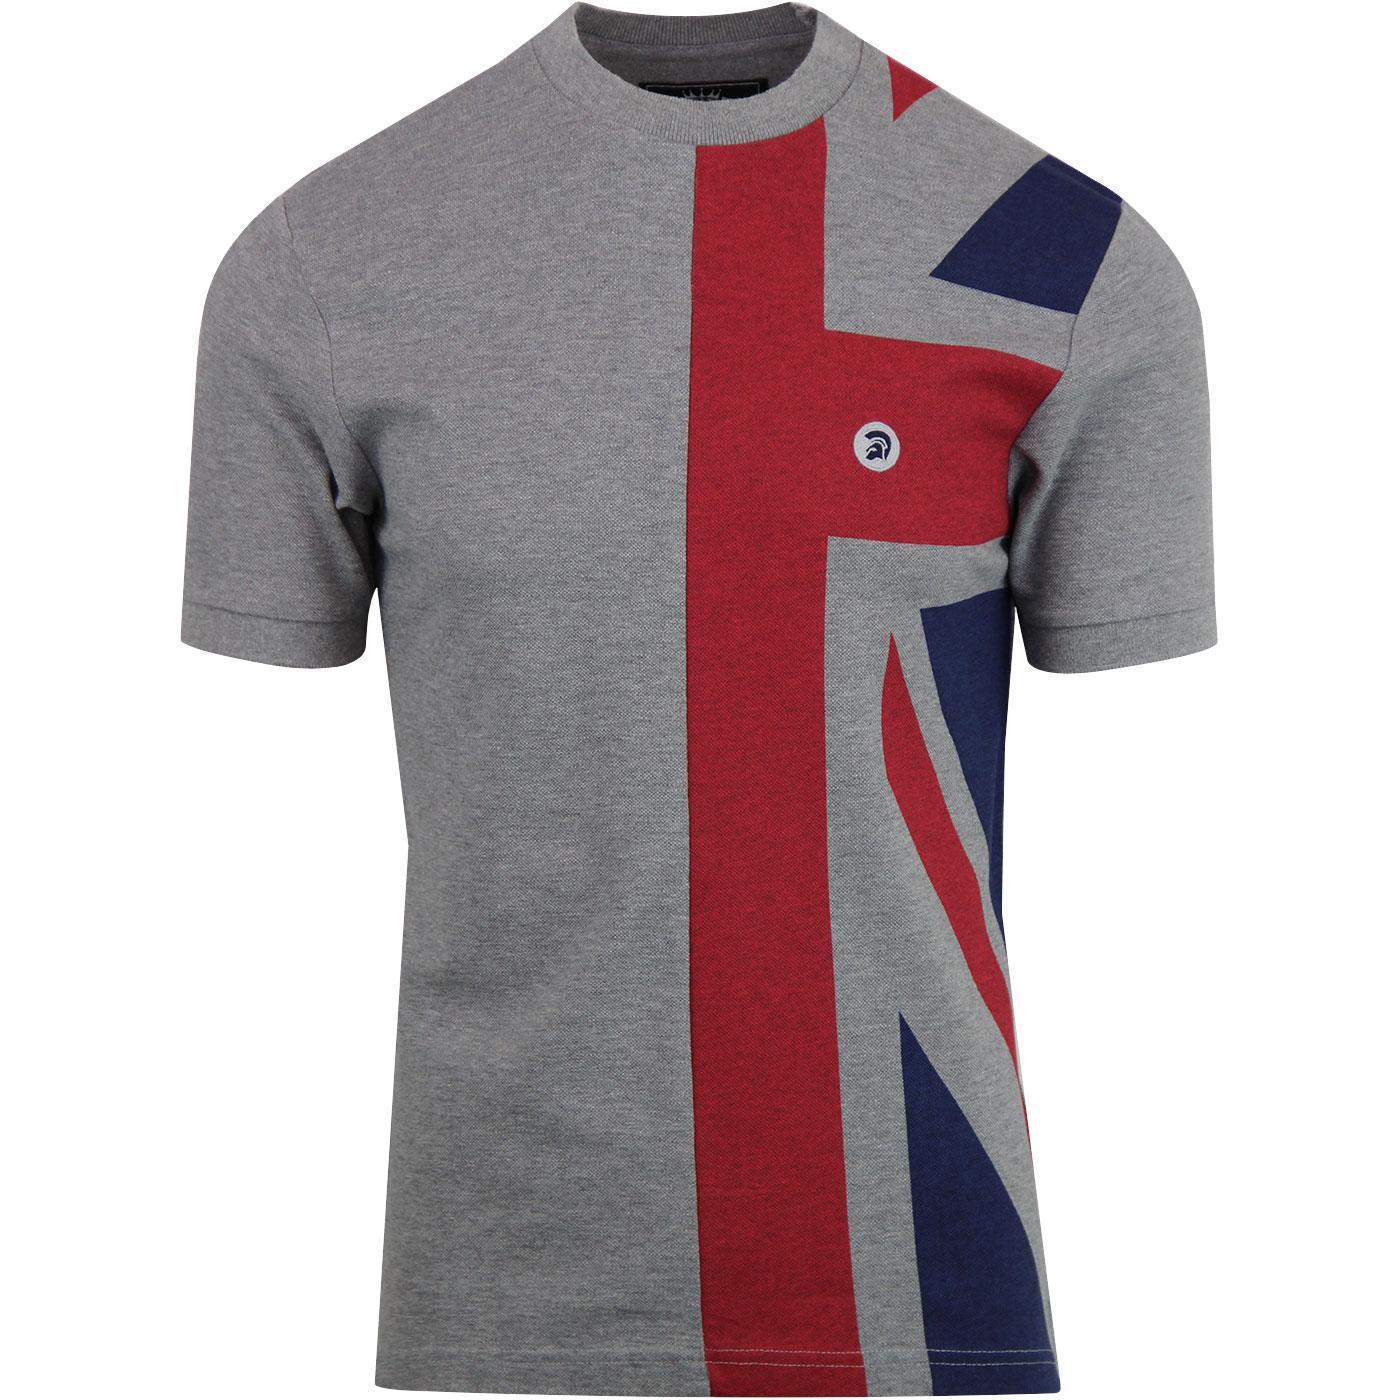 TROJAN RECORDS Union Jack Pique T-Shirt - M. Grey